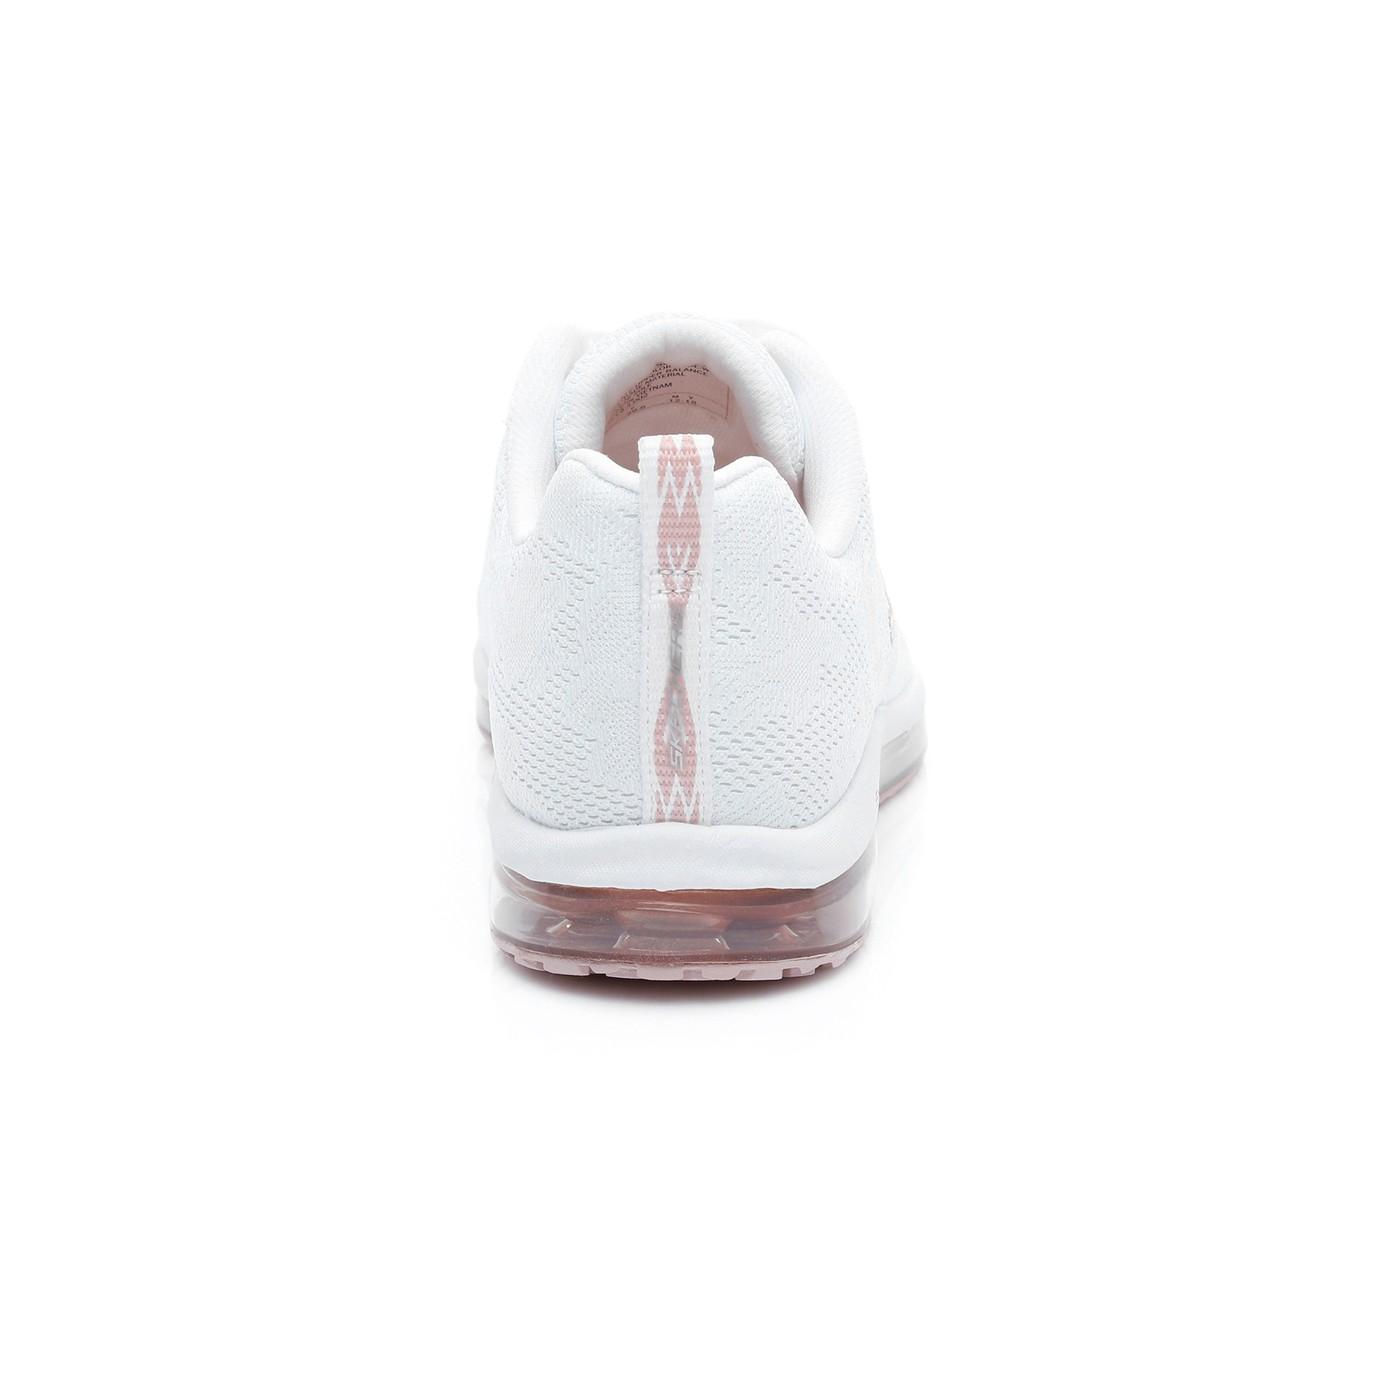 inalámbrico tal vez Destino  Skechers Skech-Air Extreme-Walkout Kadın Beyaz-Pembe-Altın Spor Ayakkabı  12643 | Occasion